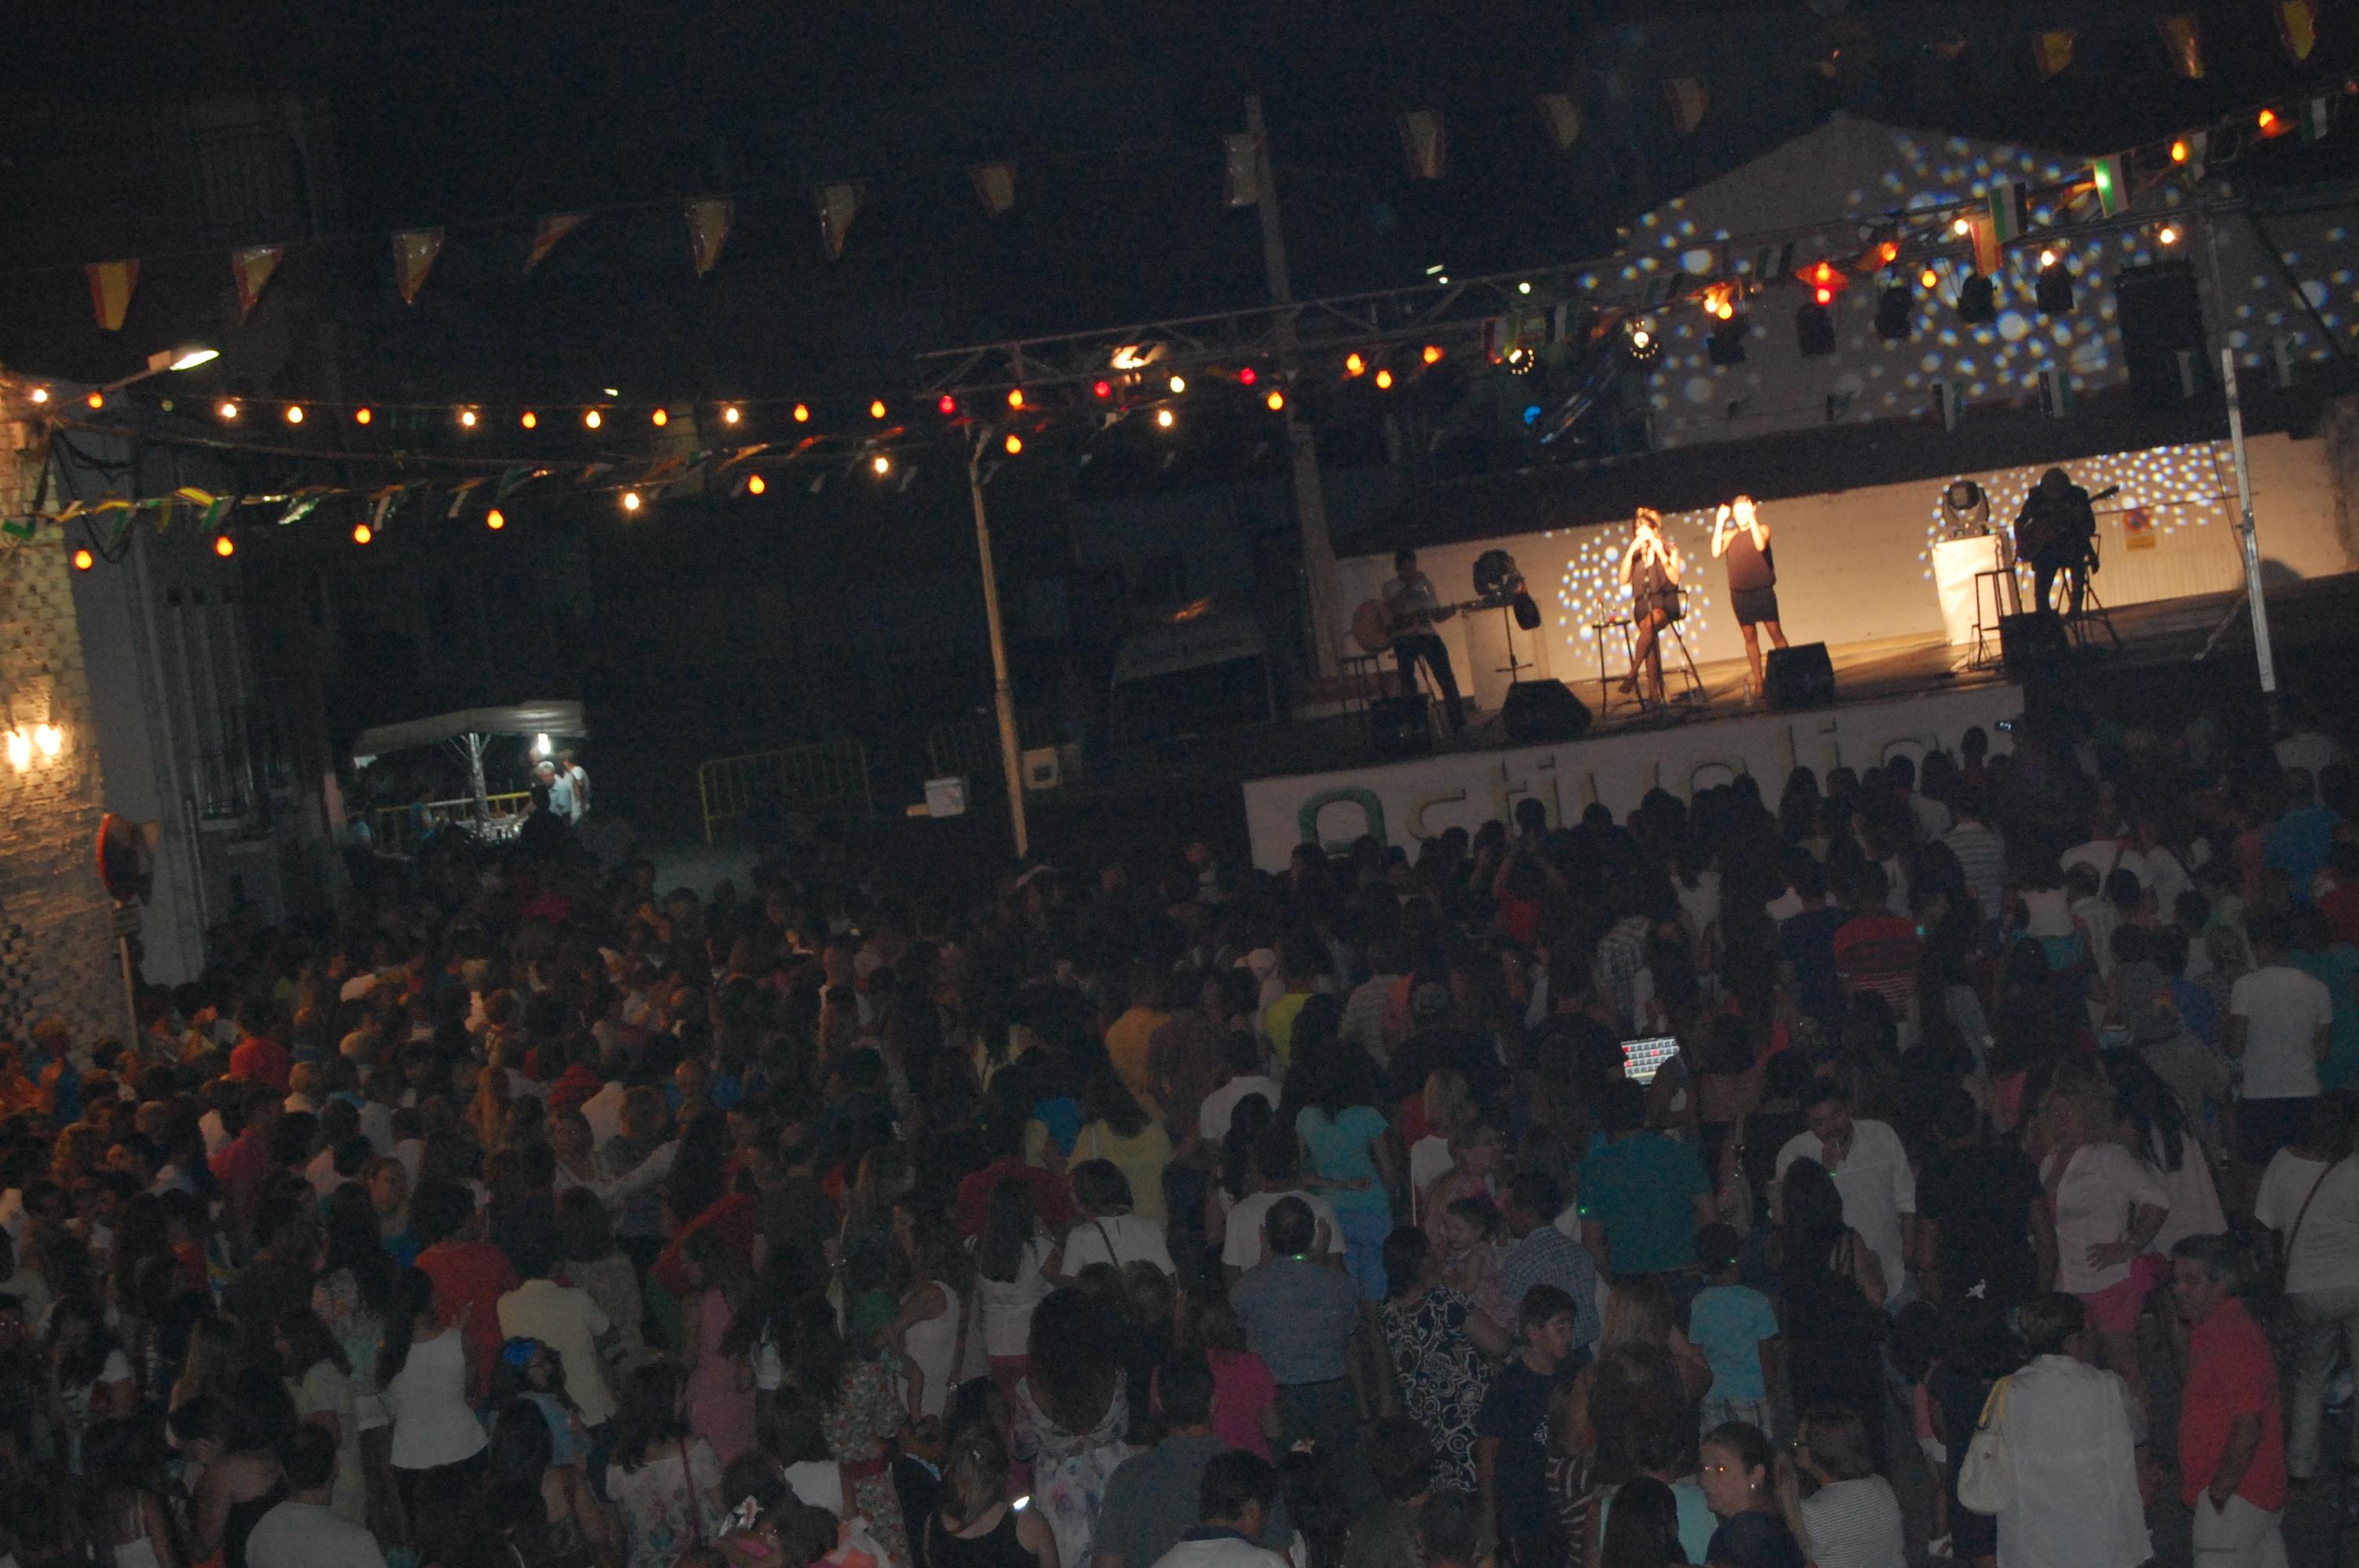 Rozalén conquista a los asistentes con su timbre de voz y la originalidad de sus canciones